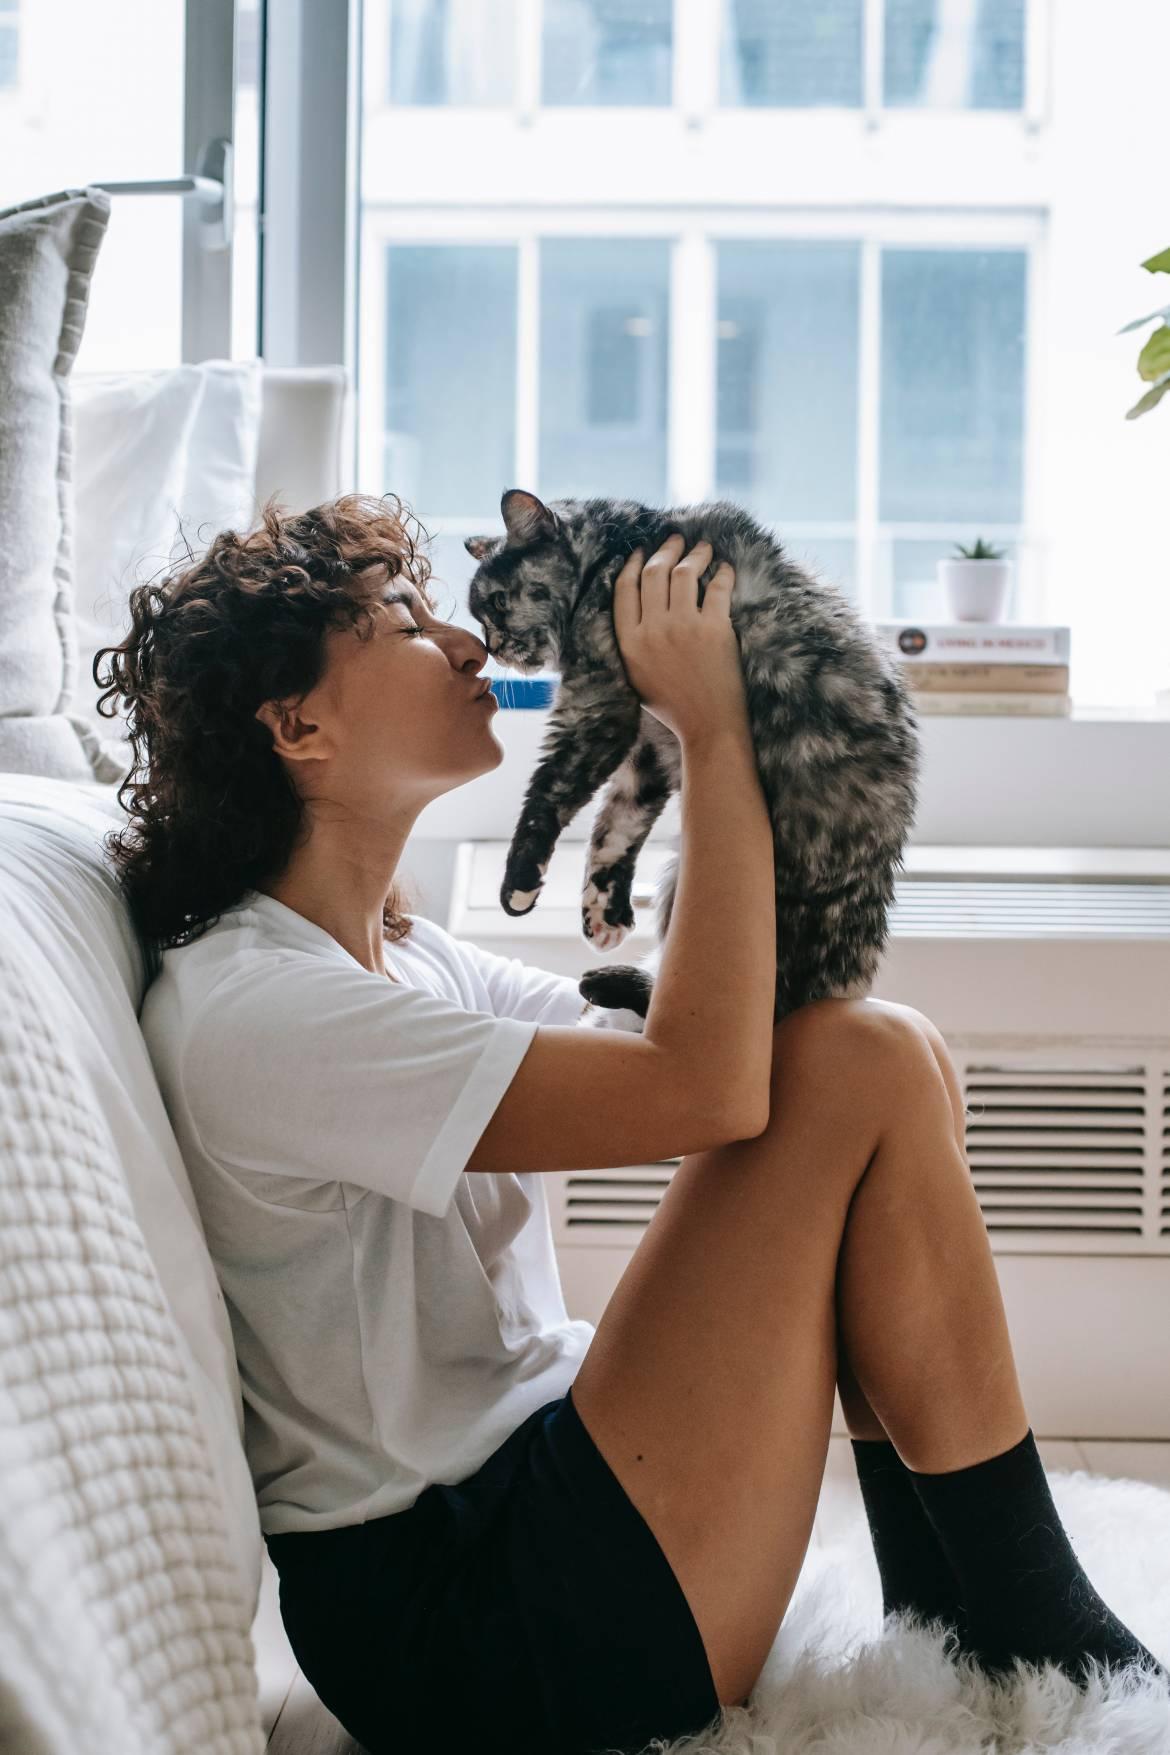 El bienestar de nuestras mascotas